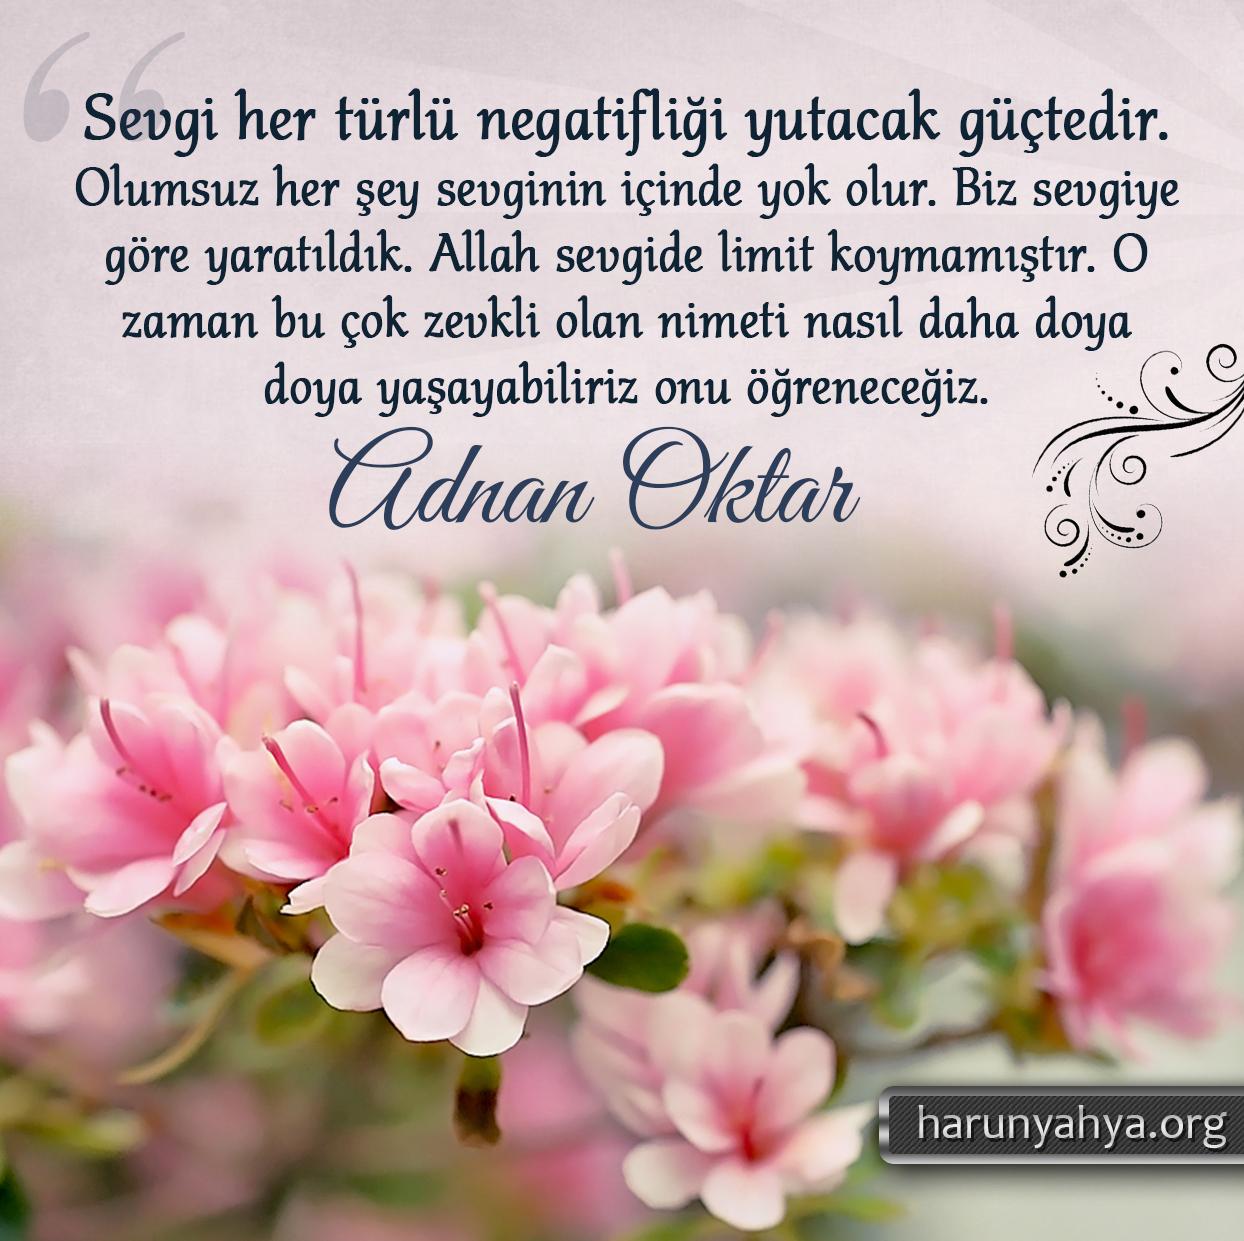 """<table style=""""width: 100%;""""><tr><td style=""""vertical-align: middle;"""">Sevgi her türlü negatifliği yutacak güçtedir. Olumsuz her şey sevginin içinde yok olur. Biz sevgiye göre yaratıldık. Allah sevgide limit koymamıştır. O zaman bu çok zevkli olan nimeti nasıl daha doya doya yaşayabiliriz onu öğreneceğiz. Önce samimi olmak önemlidir. Samimi olmak Allah ile bağlantıyı normal hale getirmek için şarttır. Sonra mutlaka Allah'ın büyüklüğünü iyice kavramak gerekir. Bundan sonra insan sevginin içinde yol almaya başlar. </td><td style=""""max-width: 70px;vertical-align: middle;""""> <a href=""""/downloadquote.php?filename=1527141522177.jpg""""><img class=""""hoversaturate"""" height=""""20px"""" src=""""/assets/images/download-iconu.png"""" style=""""width: 48px; height: 48px;"""" title=""""Resmi İndir""""/></a></td></tr></table>"""